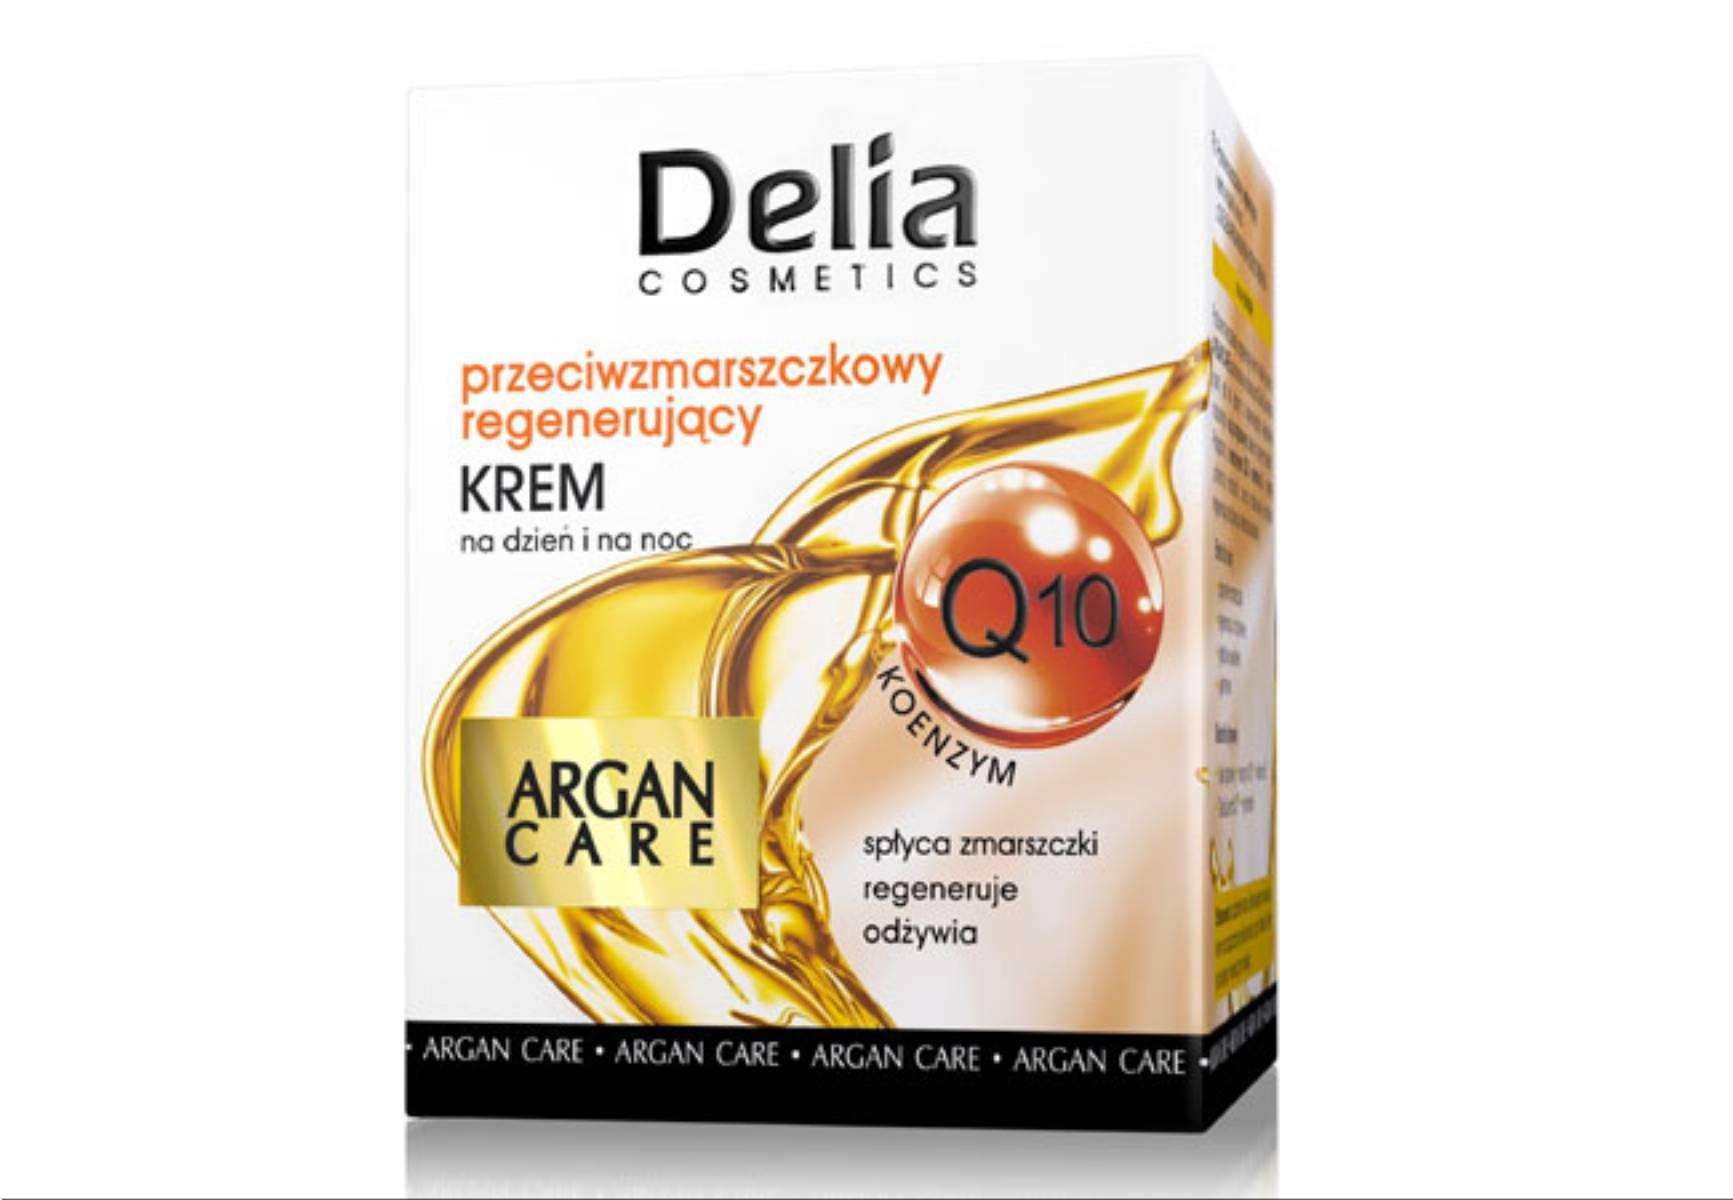 Delia Cosmetics - krem przeciwzmarszczkowy regenerujacy Argan Care